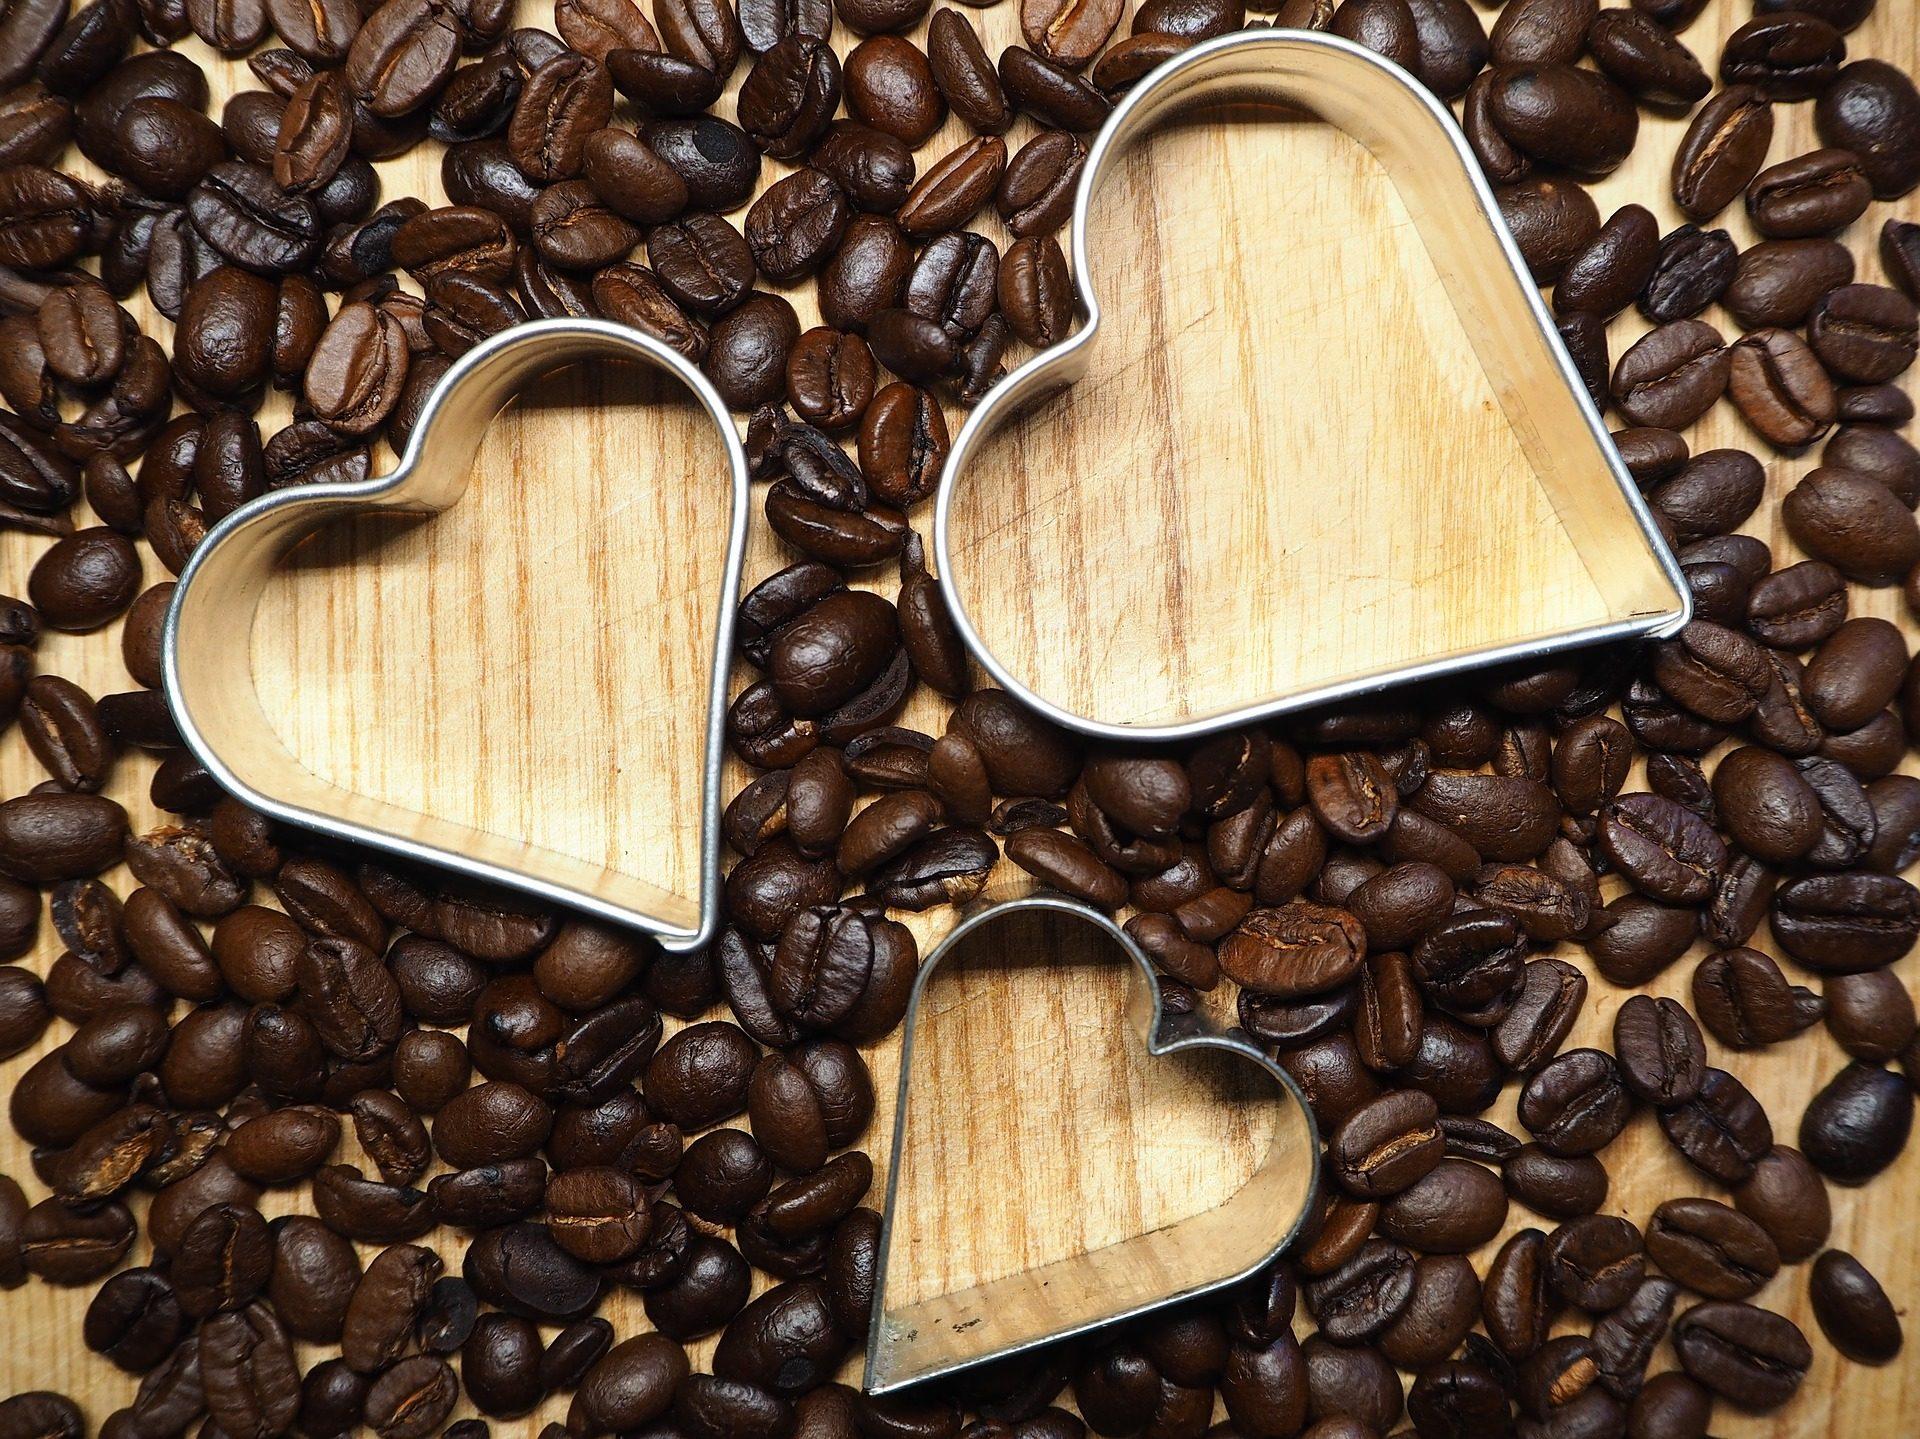 καλούπια, καρδιές, Grains (Κόκκοι), καφέ, ξύλο - Wallpapers HD - Professor-falken.com